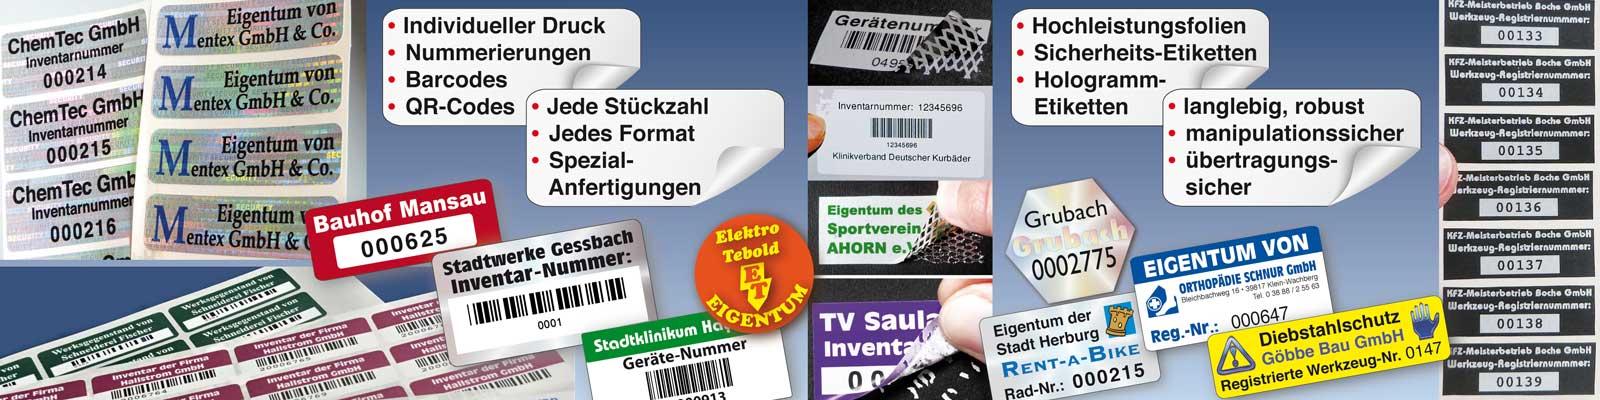 aufkleber für inventar, eigentumskennzeichnung